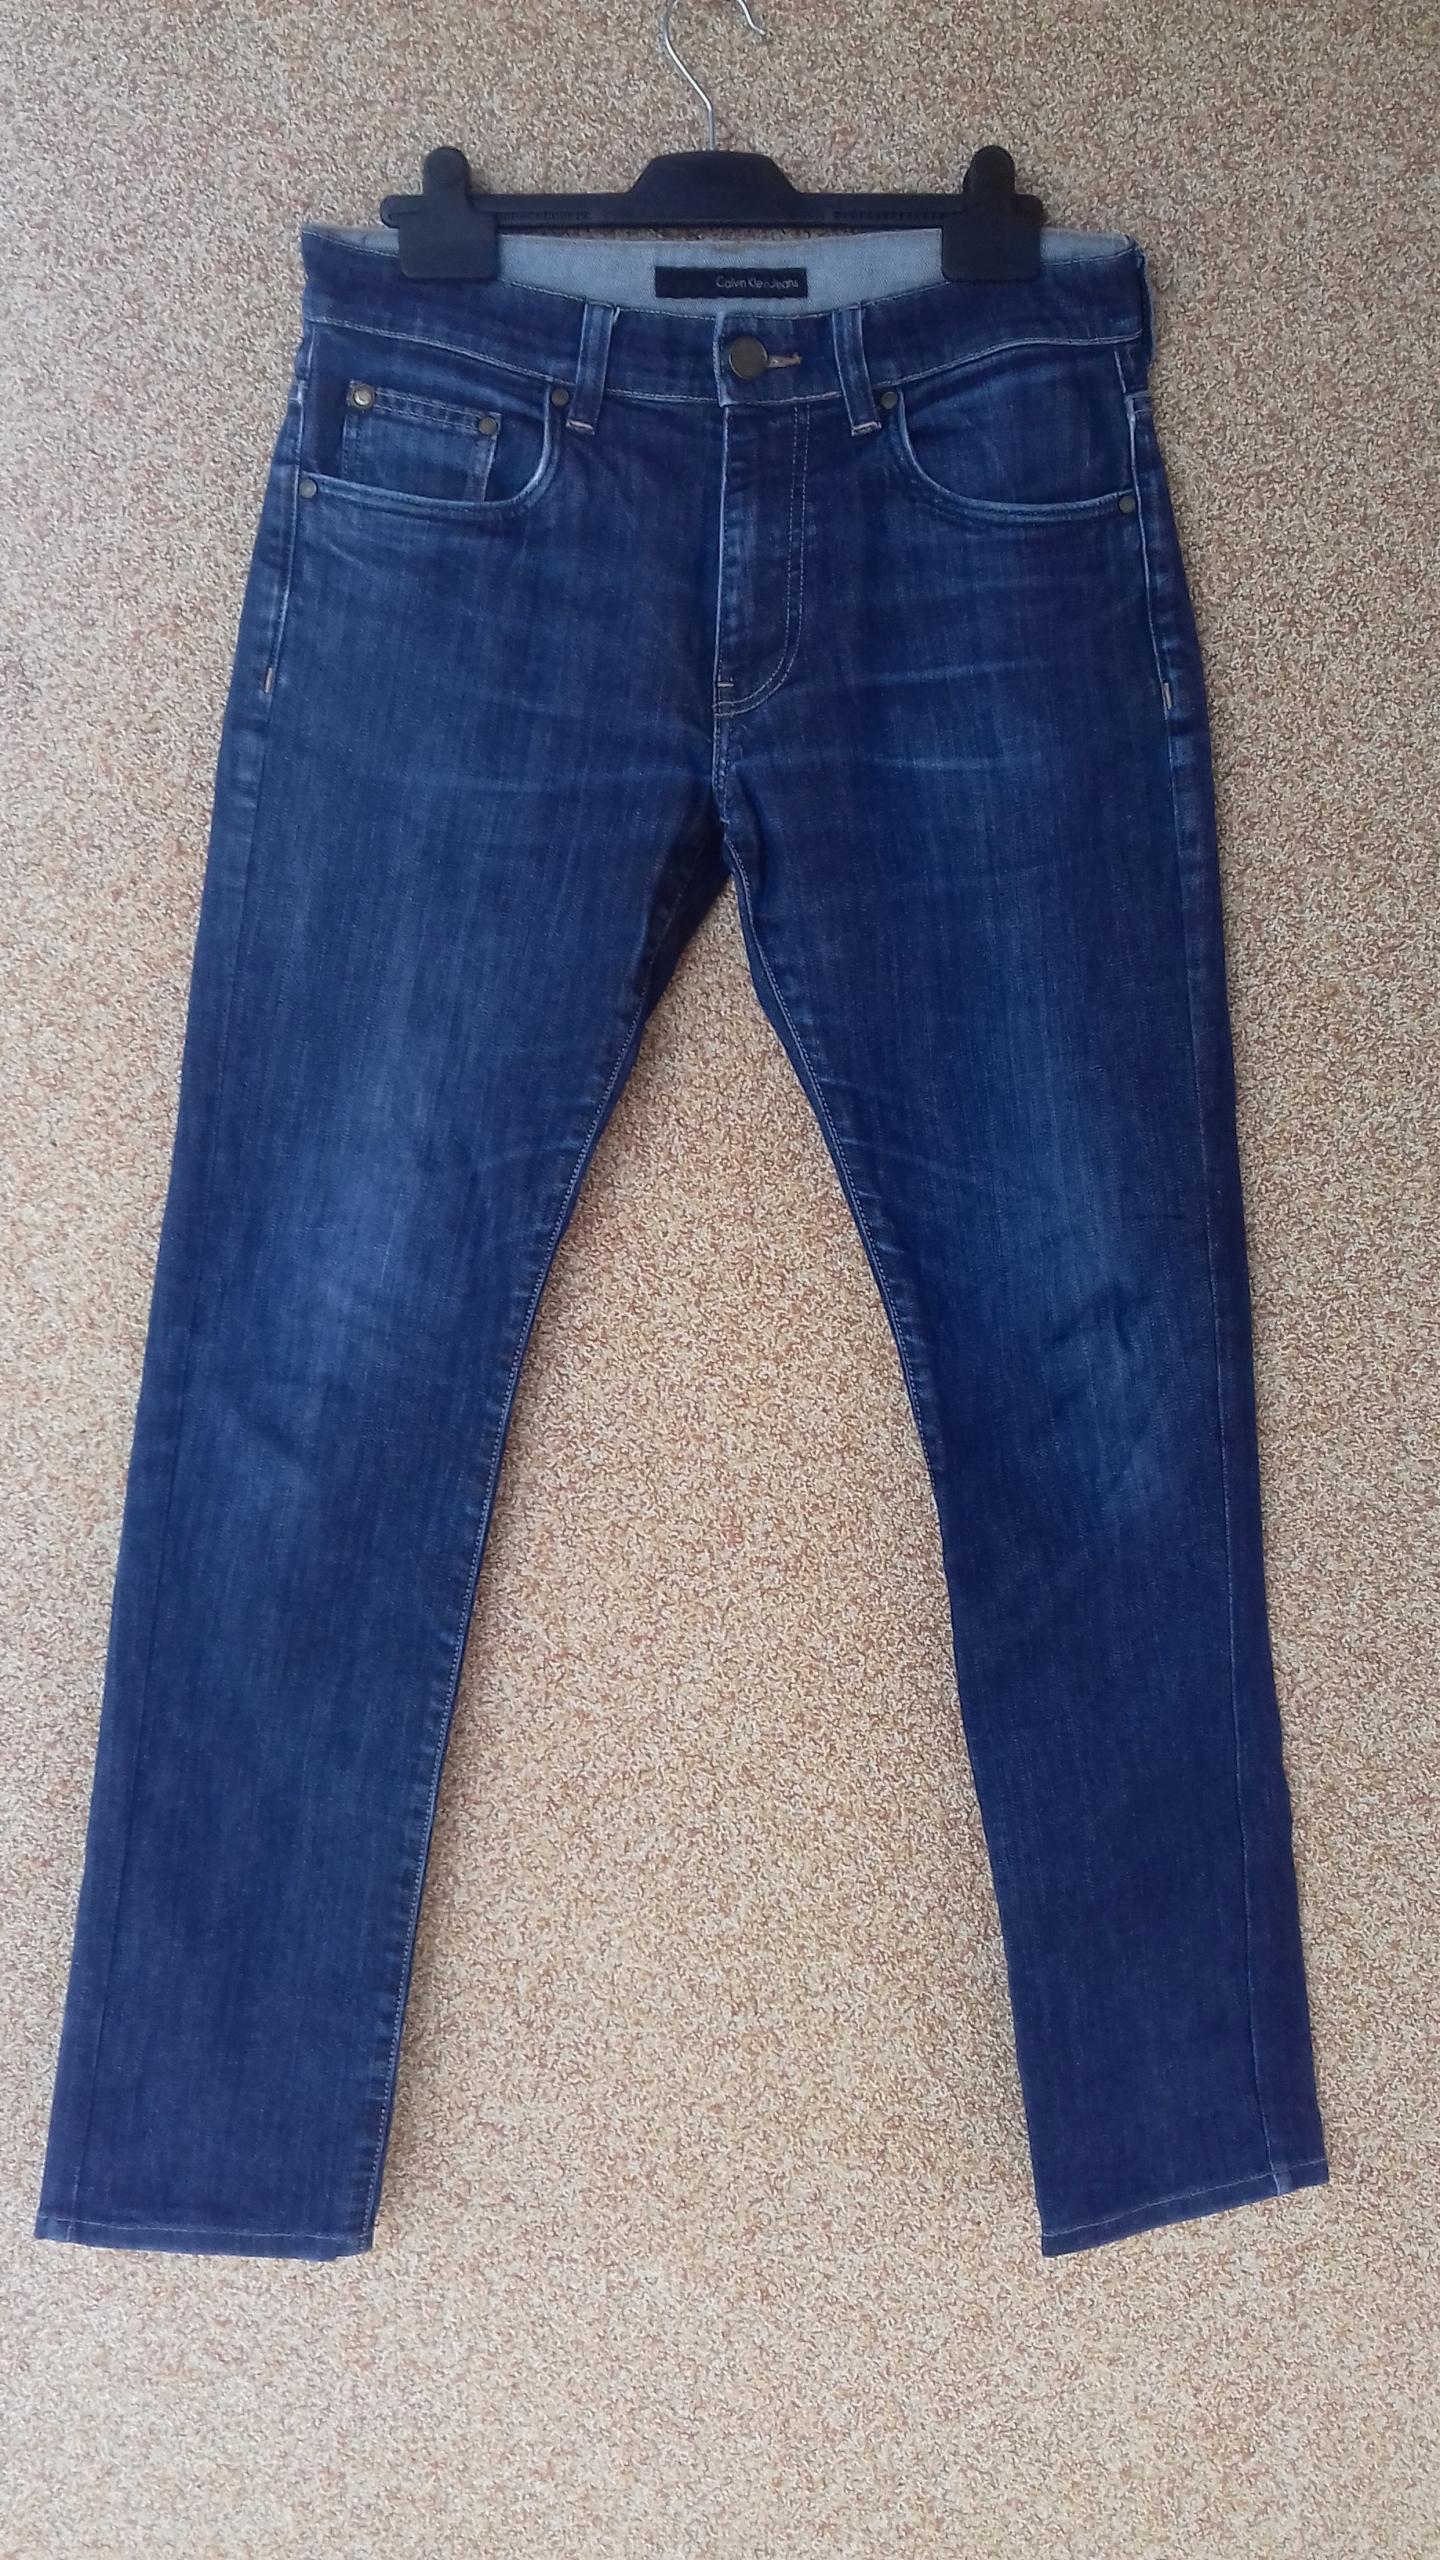 Calvin Klein Jeans SPODNIE MĘSKIE ROZMIAR: W30L34